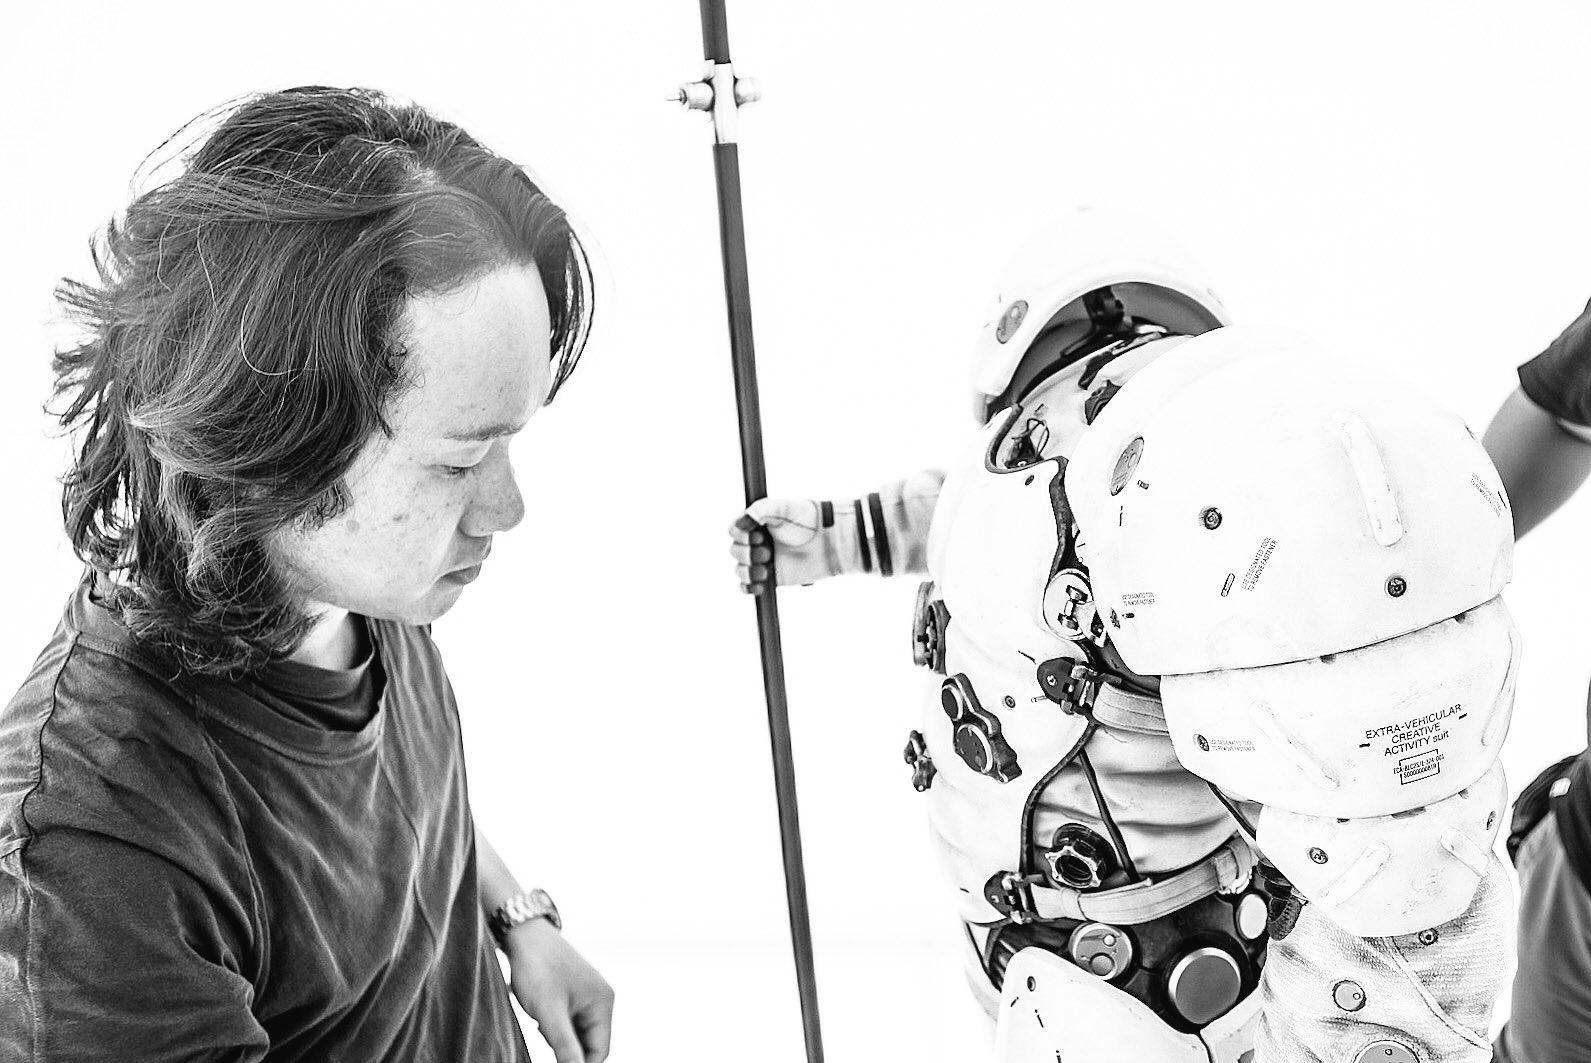 Yoji Shinkawa et la statuette de Ludens chez Kojima Productions, le 20 décembre 2016